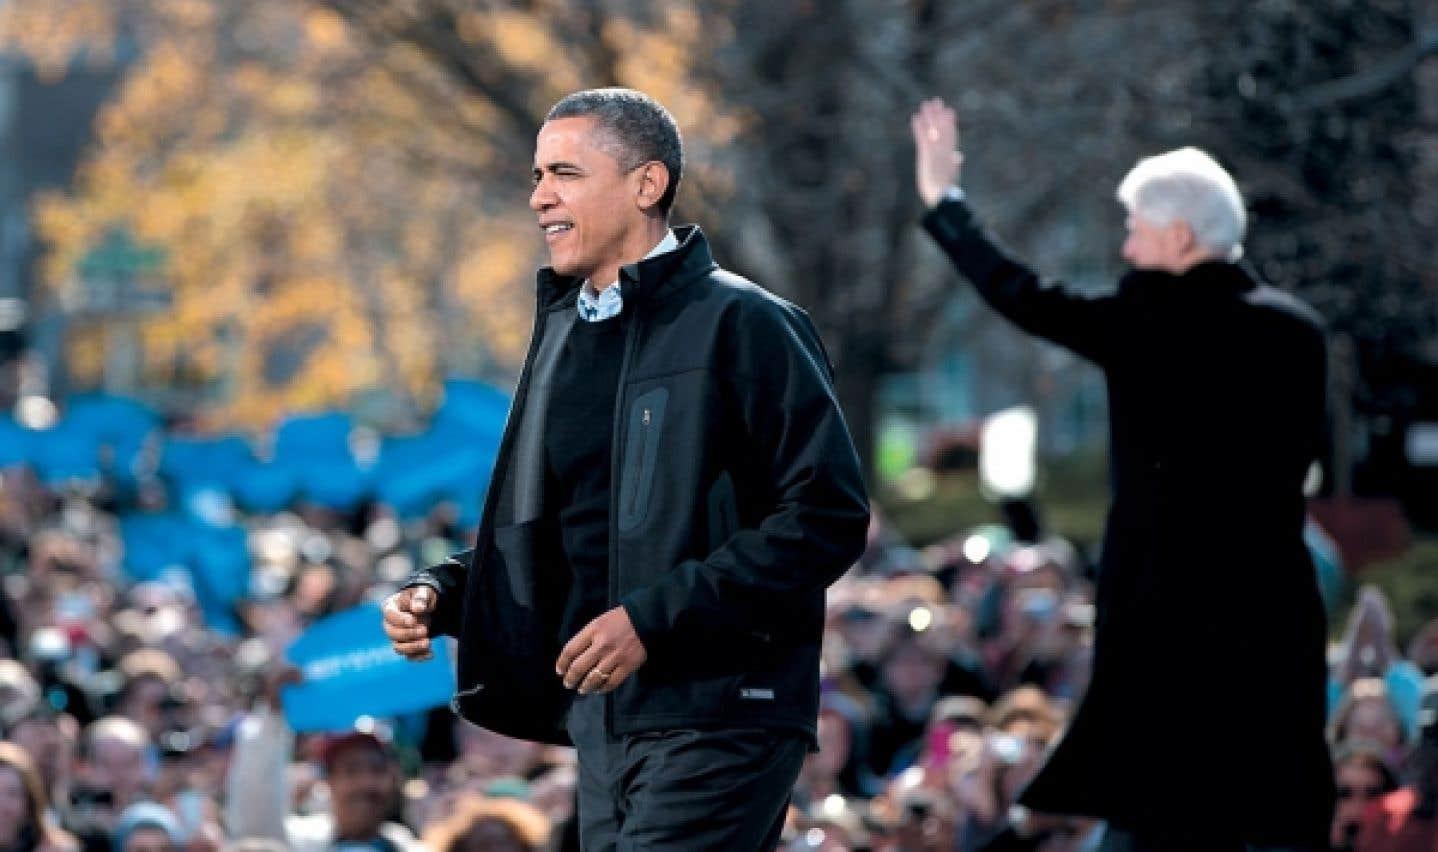 Le sprint final de la présidentielle américaine - Ce sera plus serré qu'en 2008, dit le clan Obama